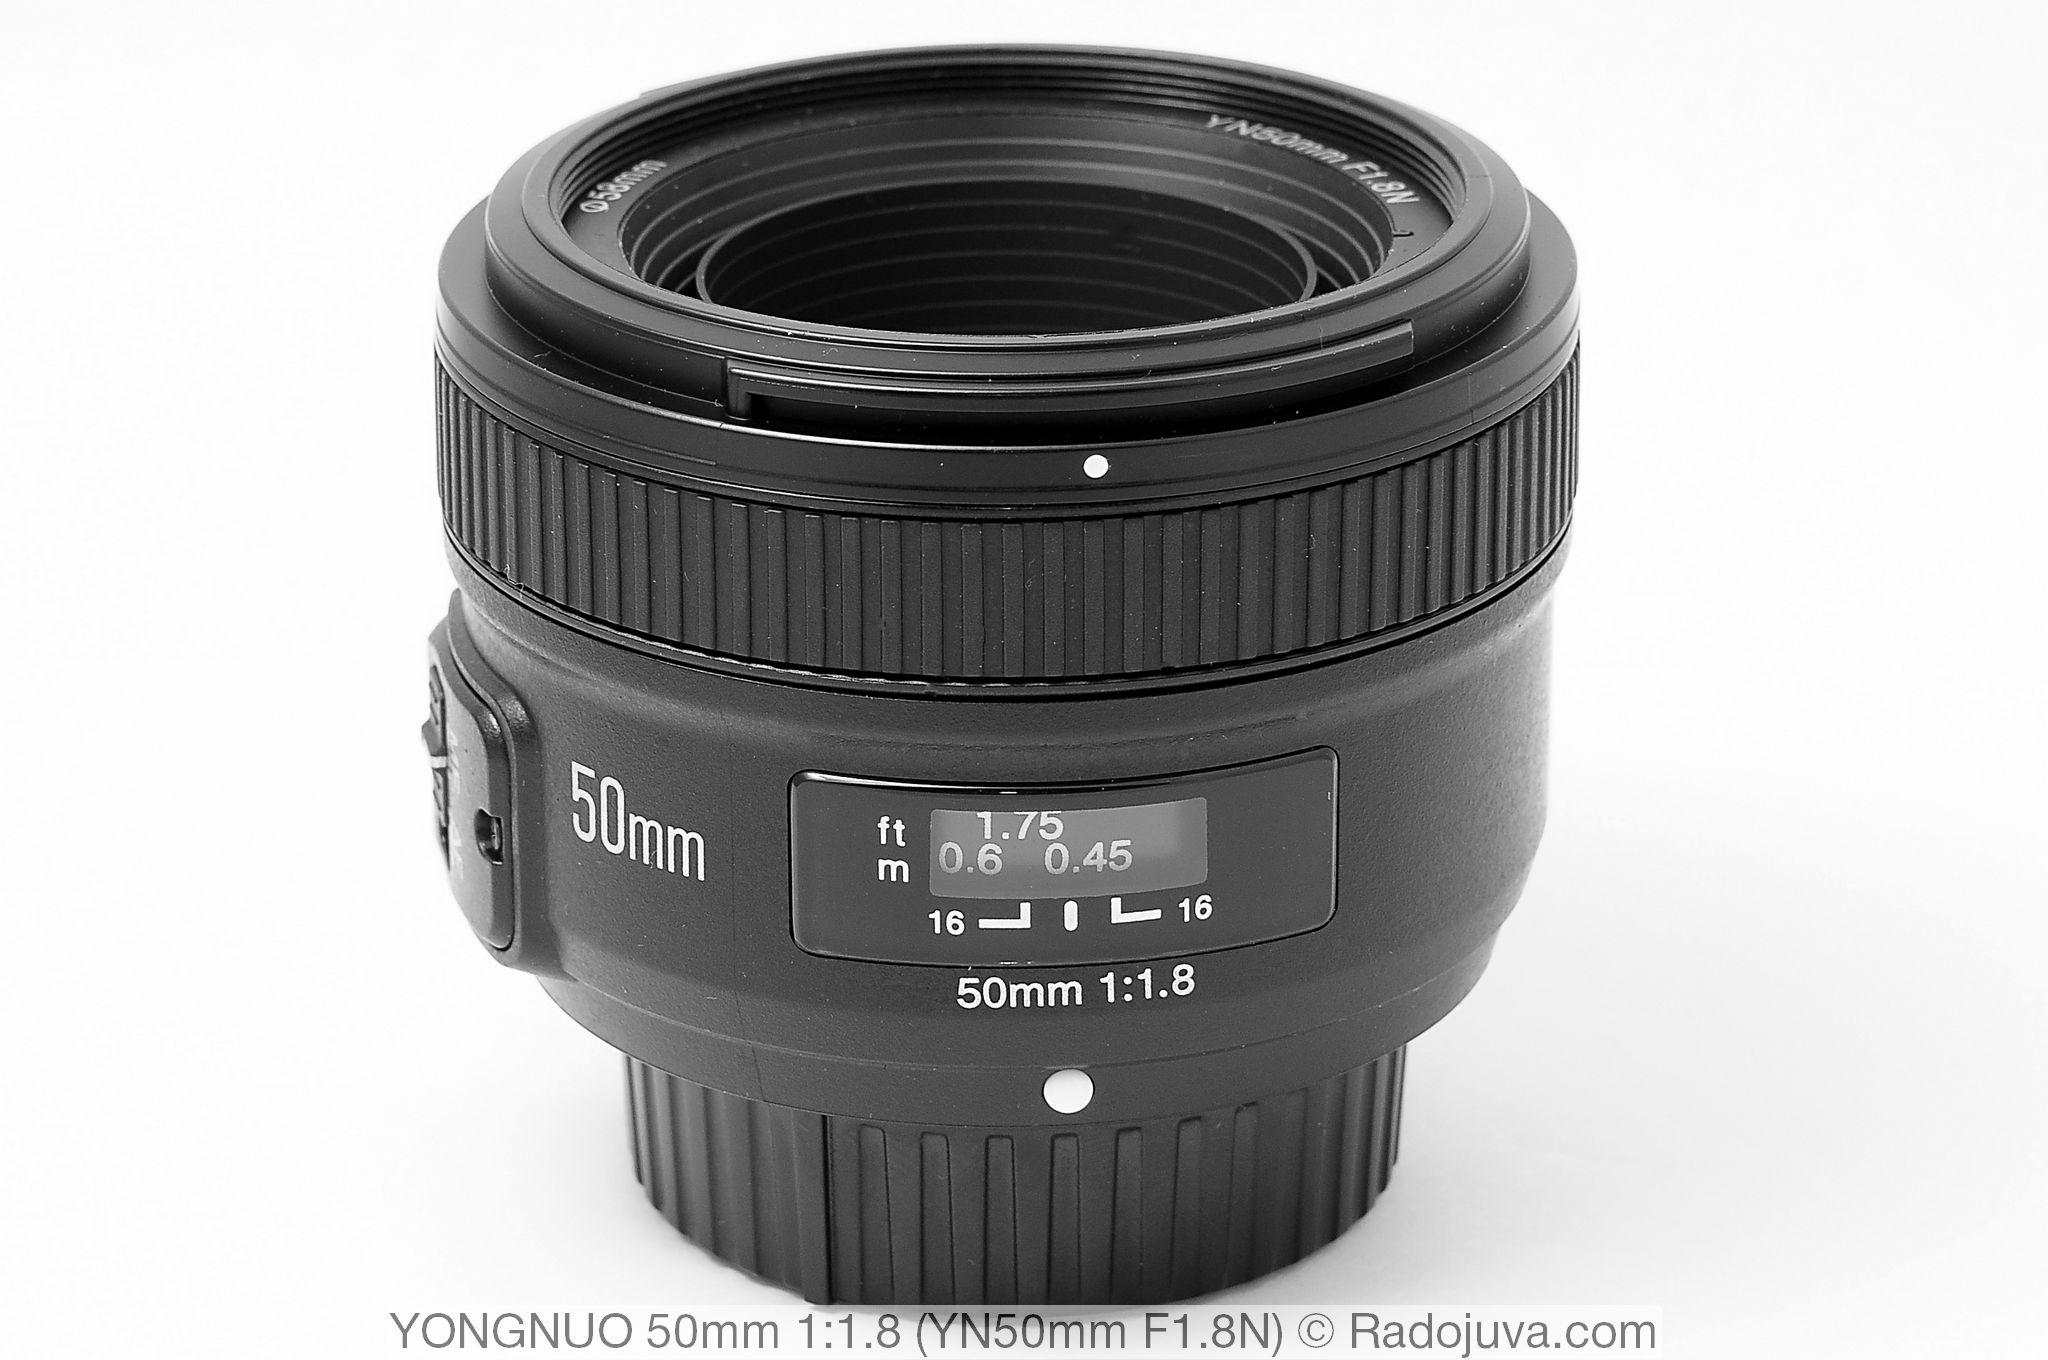 Yongnuo 50mm 1:1.8 (YN50mm F1.8N)